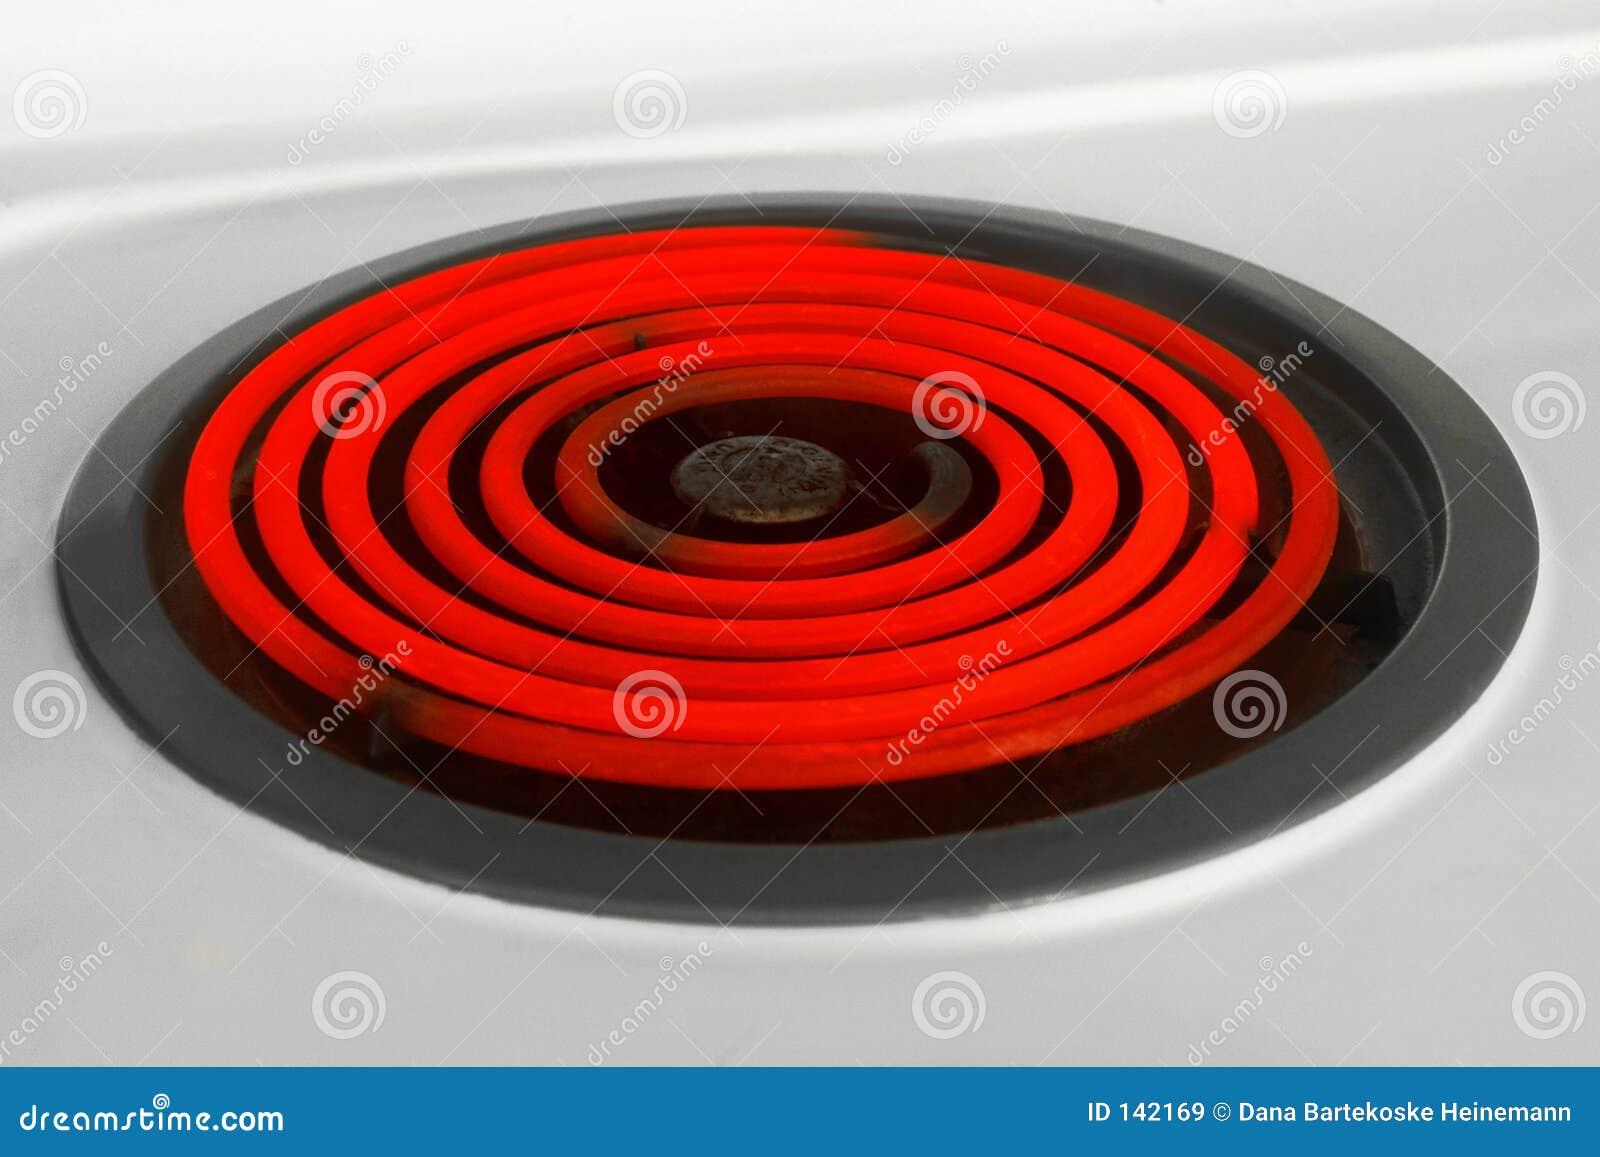 燃烧器热红色